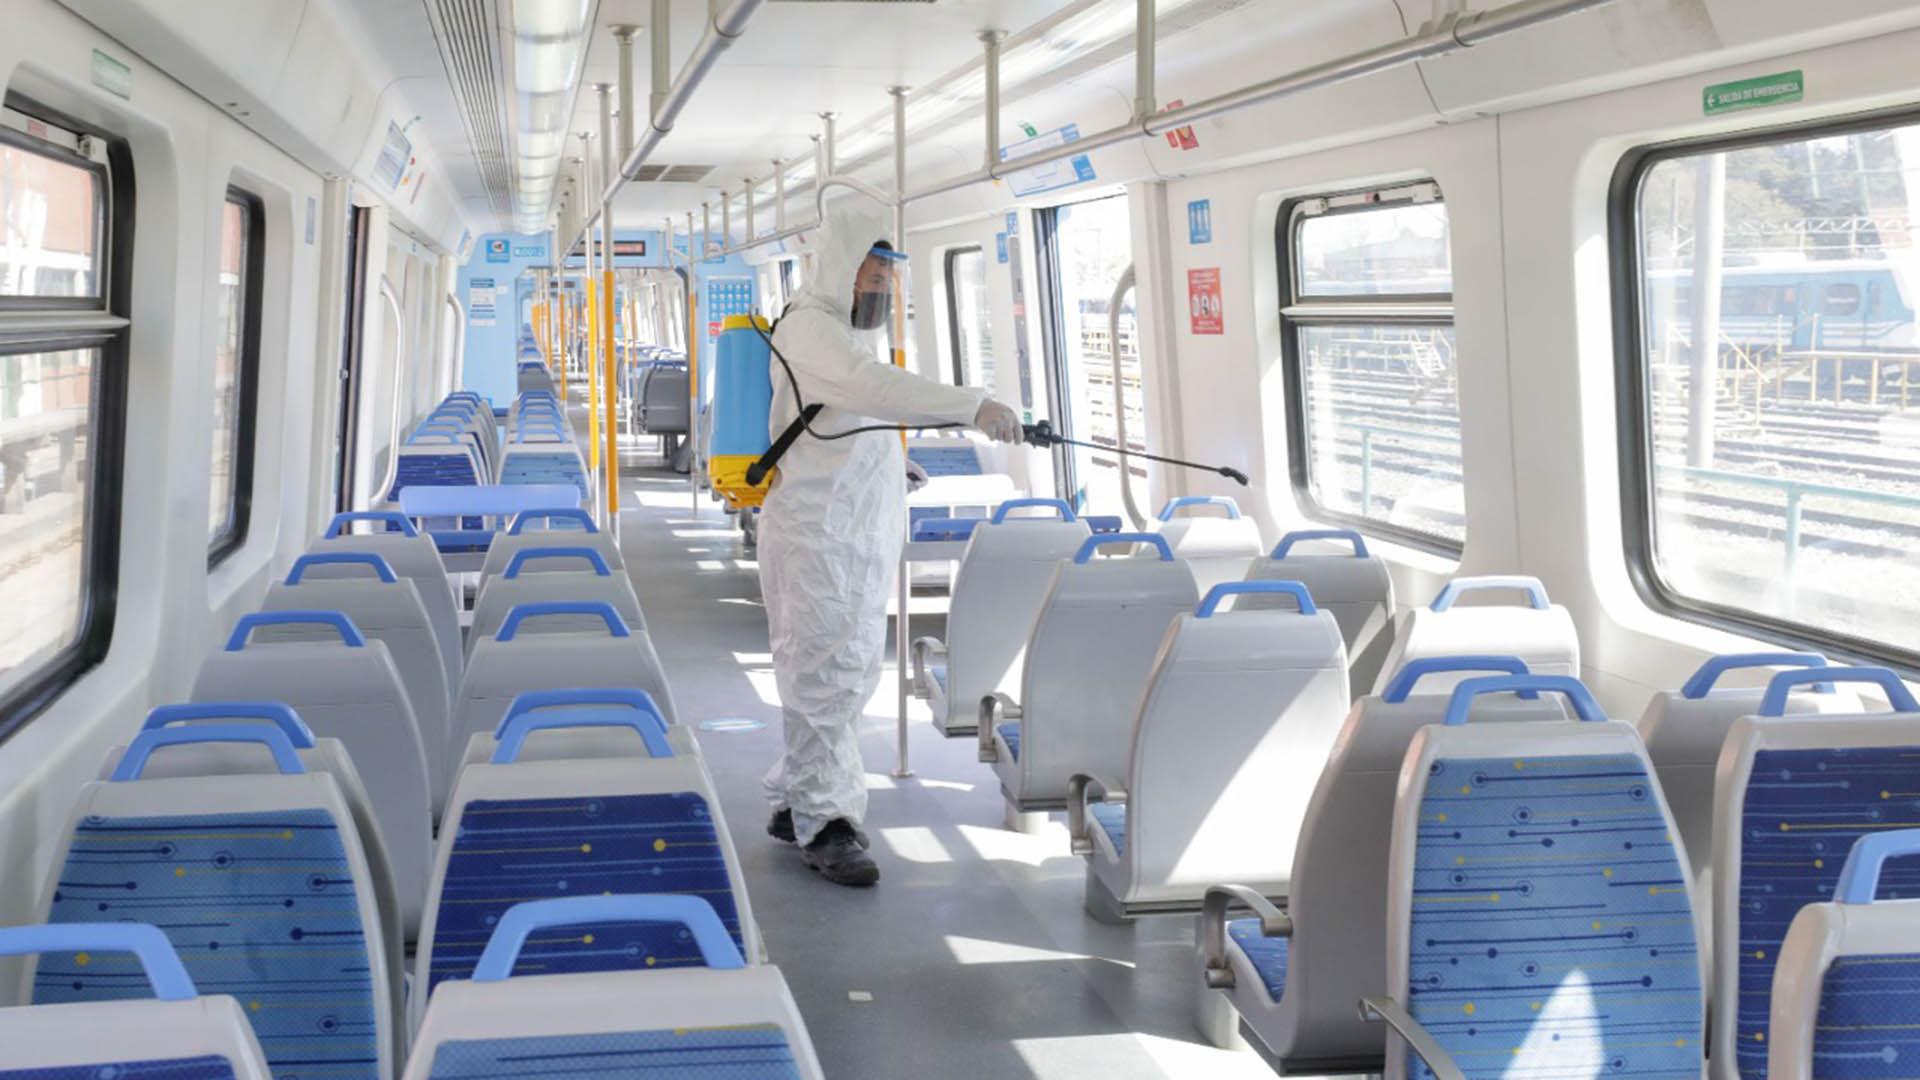 Coronavirus: Recomendaciones para reducir el riesgo de contagio al viajar en transporte público